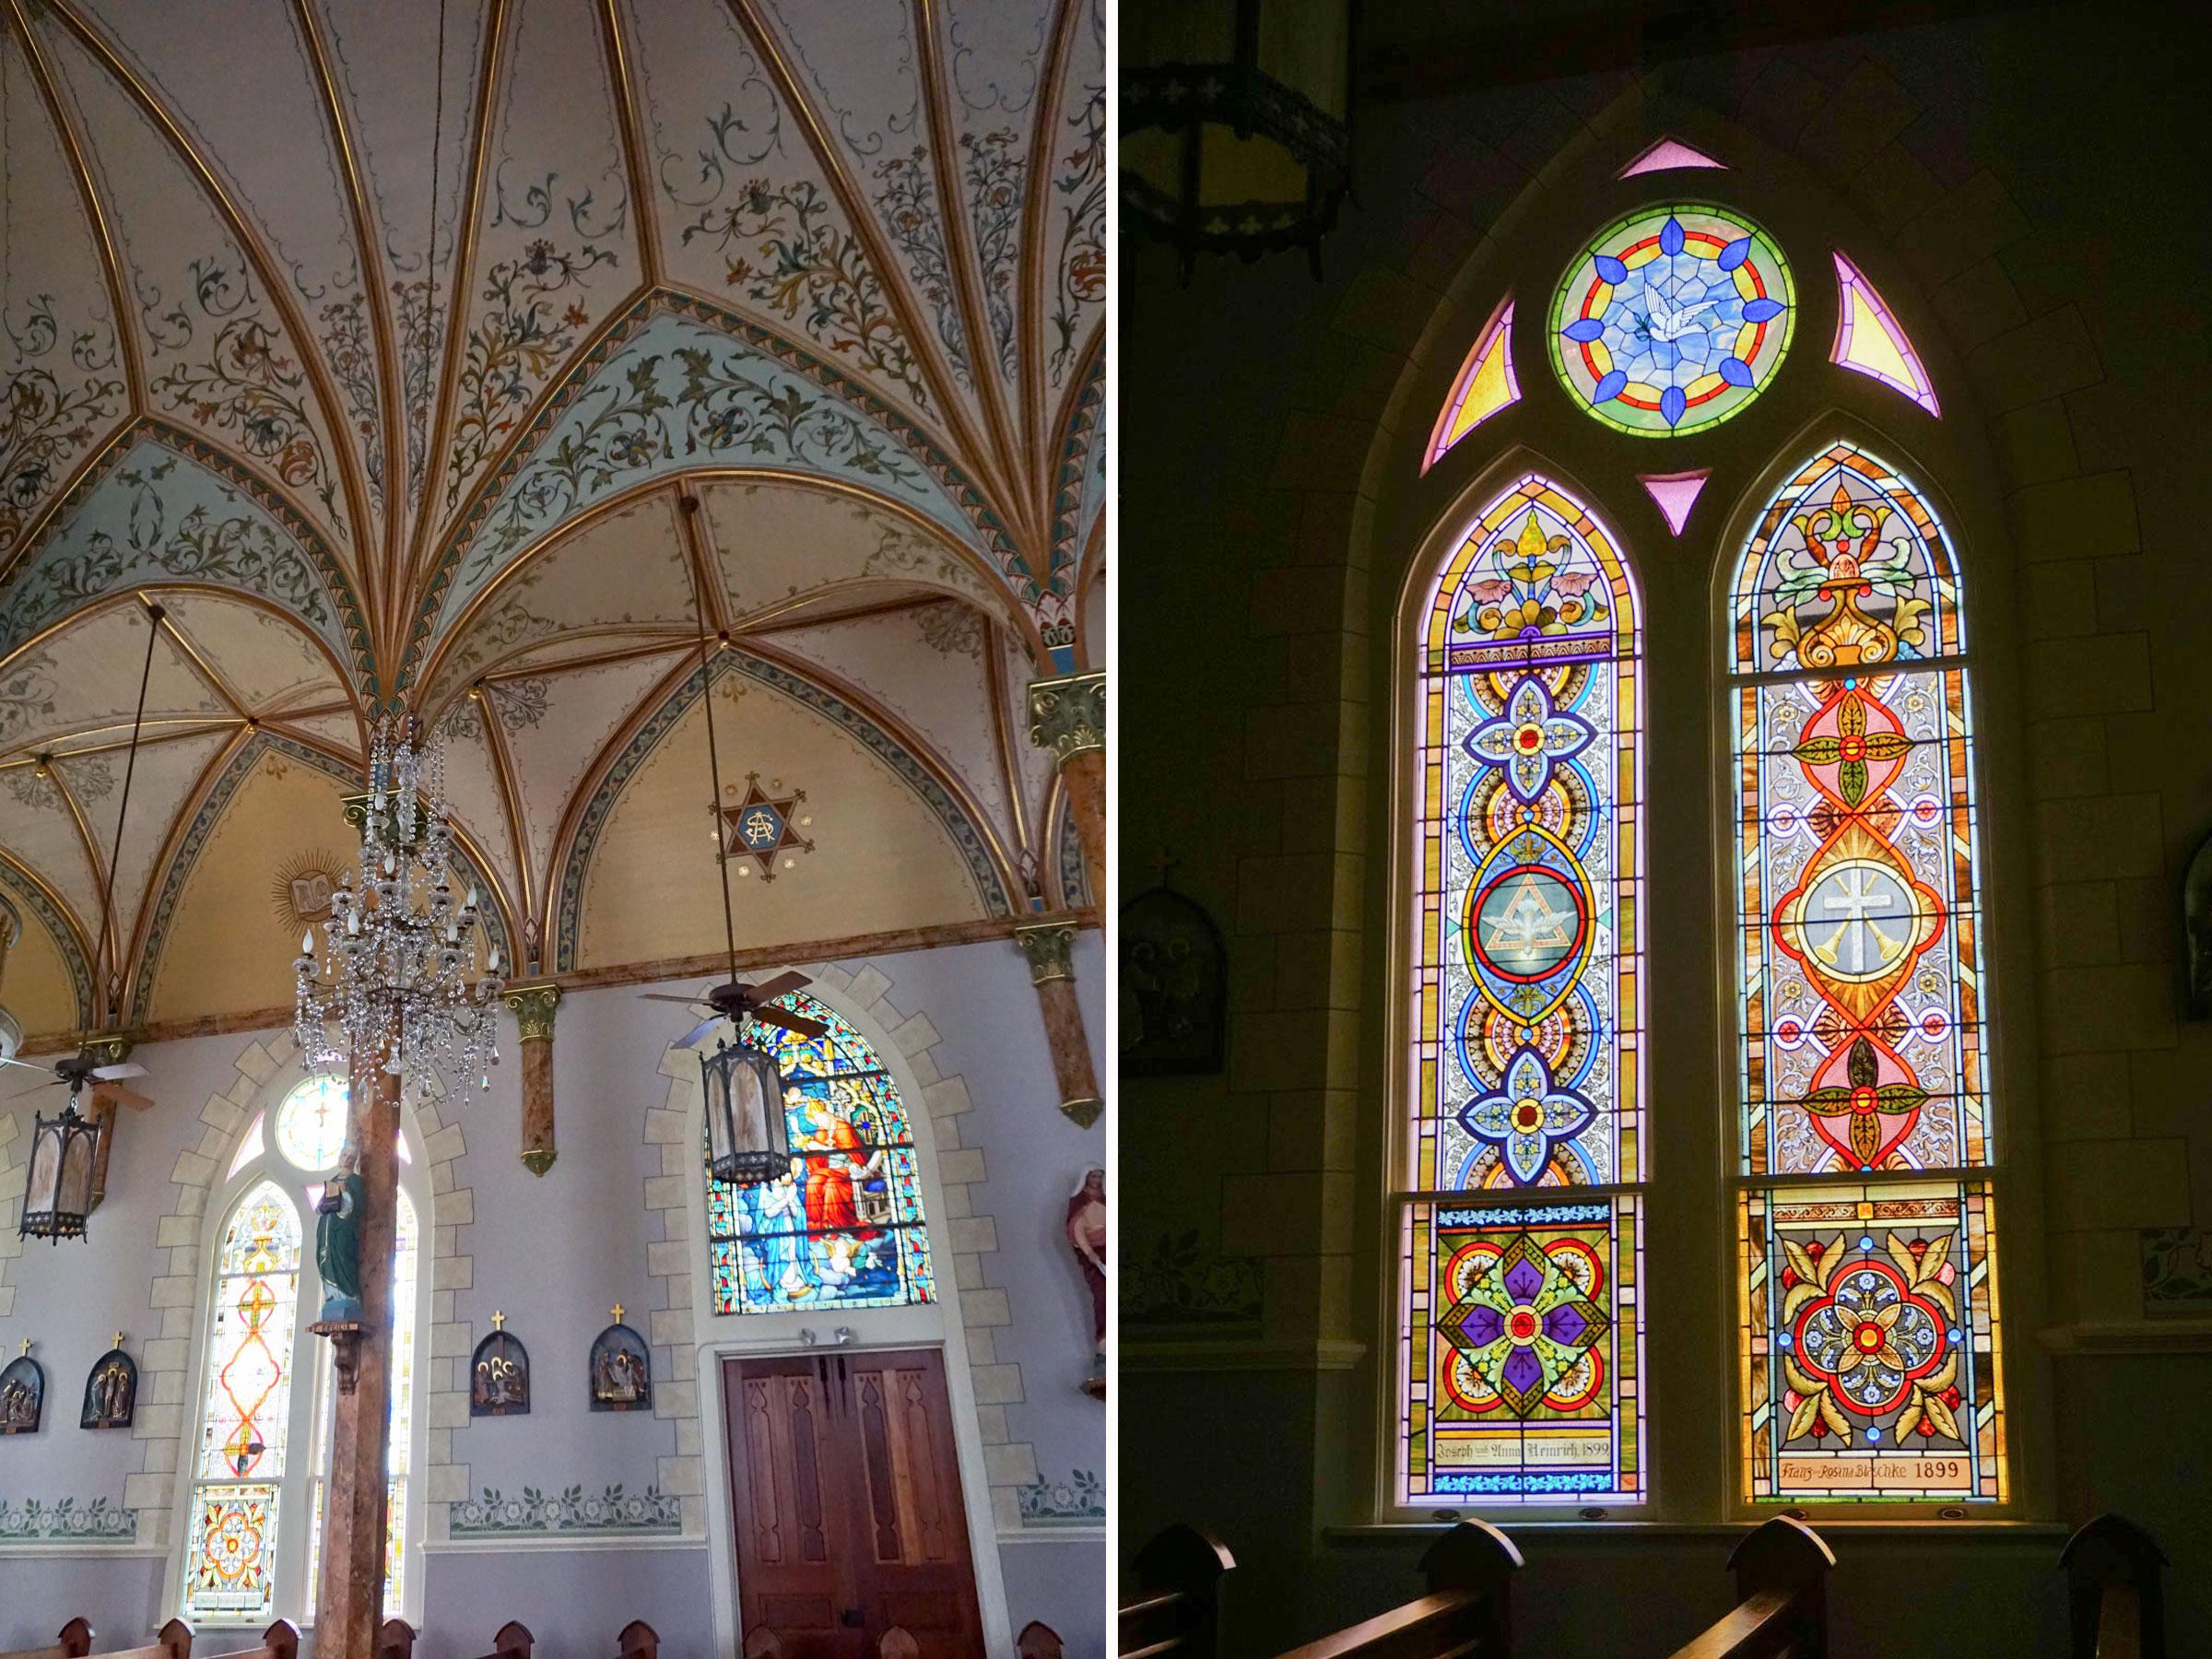 © 2019 Louise Levergneux. St. Mary's Catholic Church's stained glass windows. /  Les vitraux de l'Église catholique Sainte Marie.